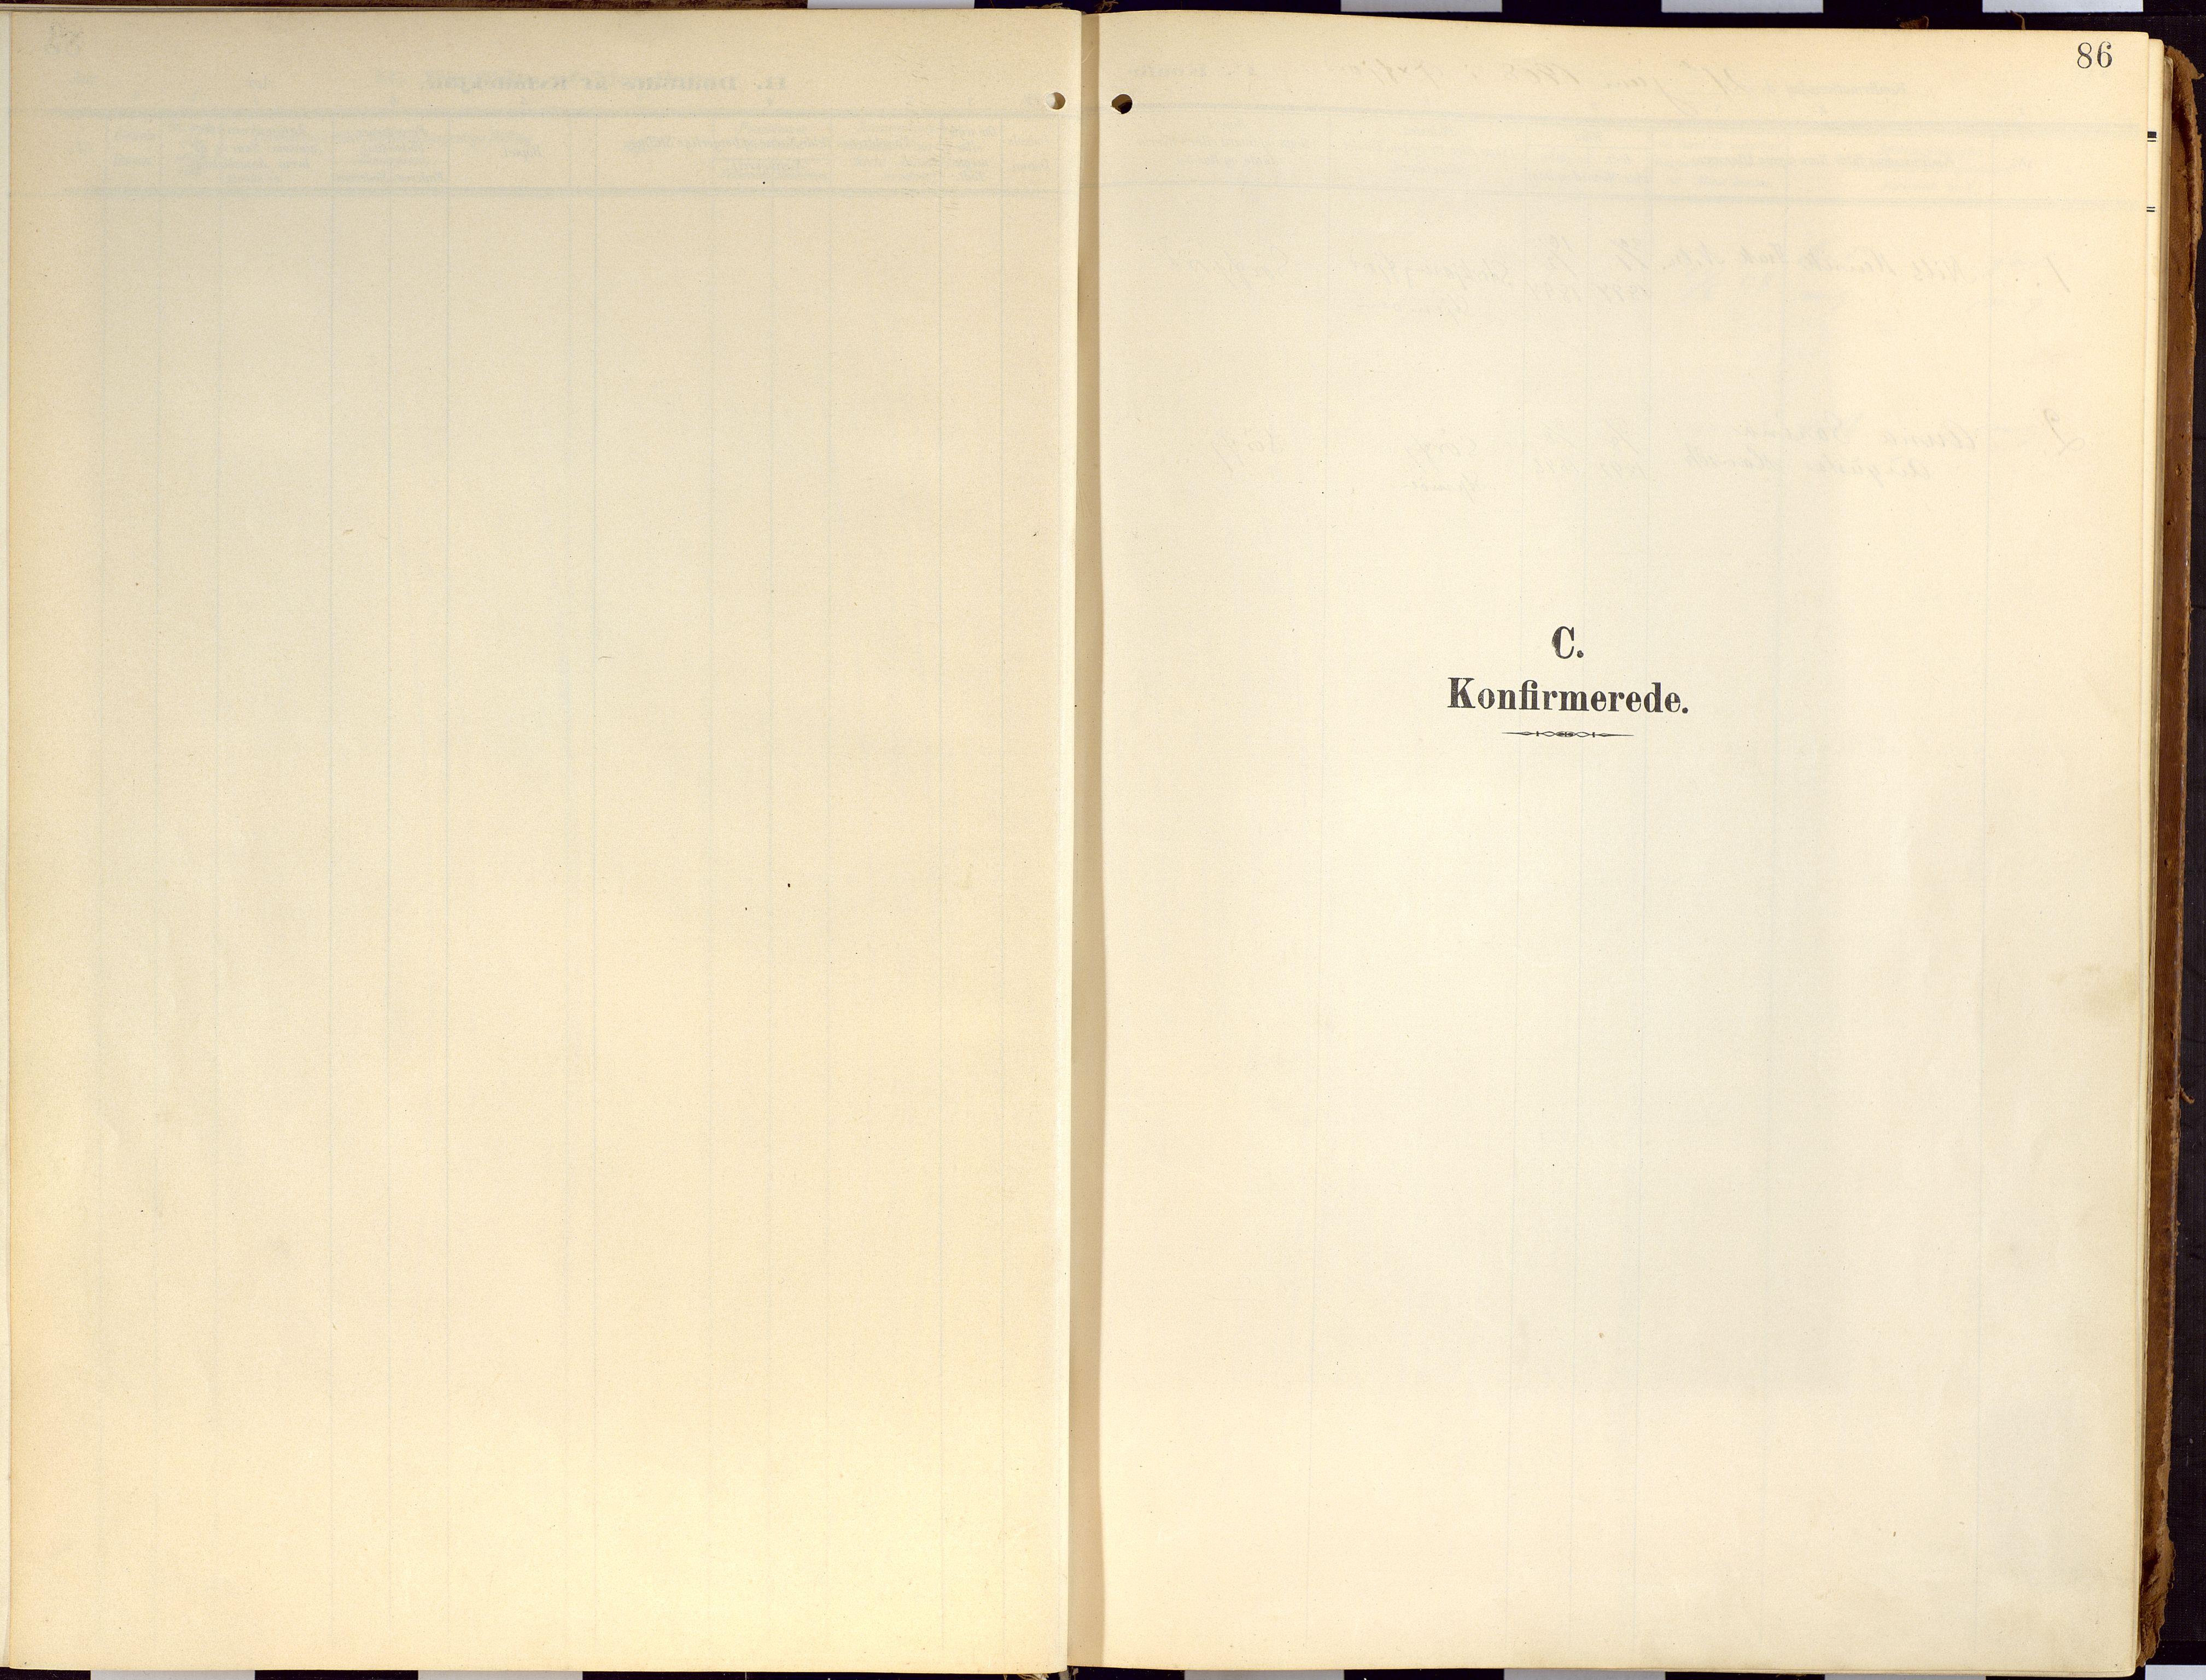 SATØ, Loppa sokneprestkontor, H/Ha/L0010kirke: Ministerialbok nr. 10, 1907-1922, s. 86